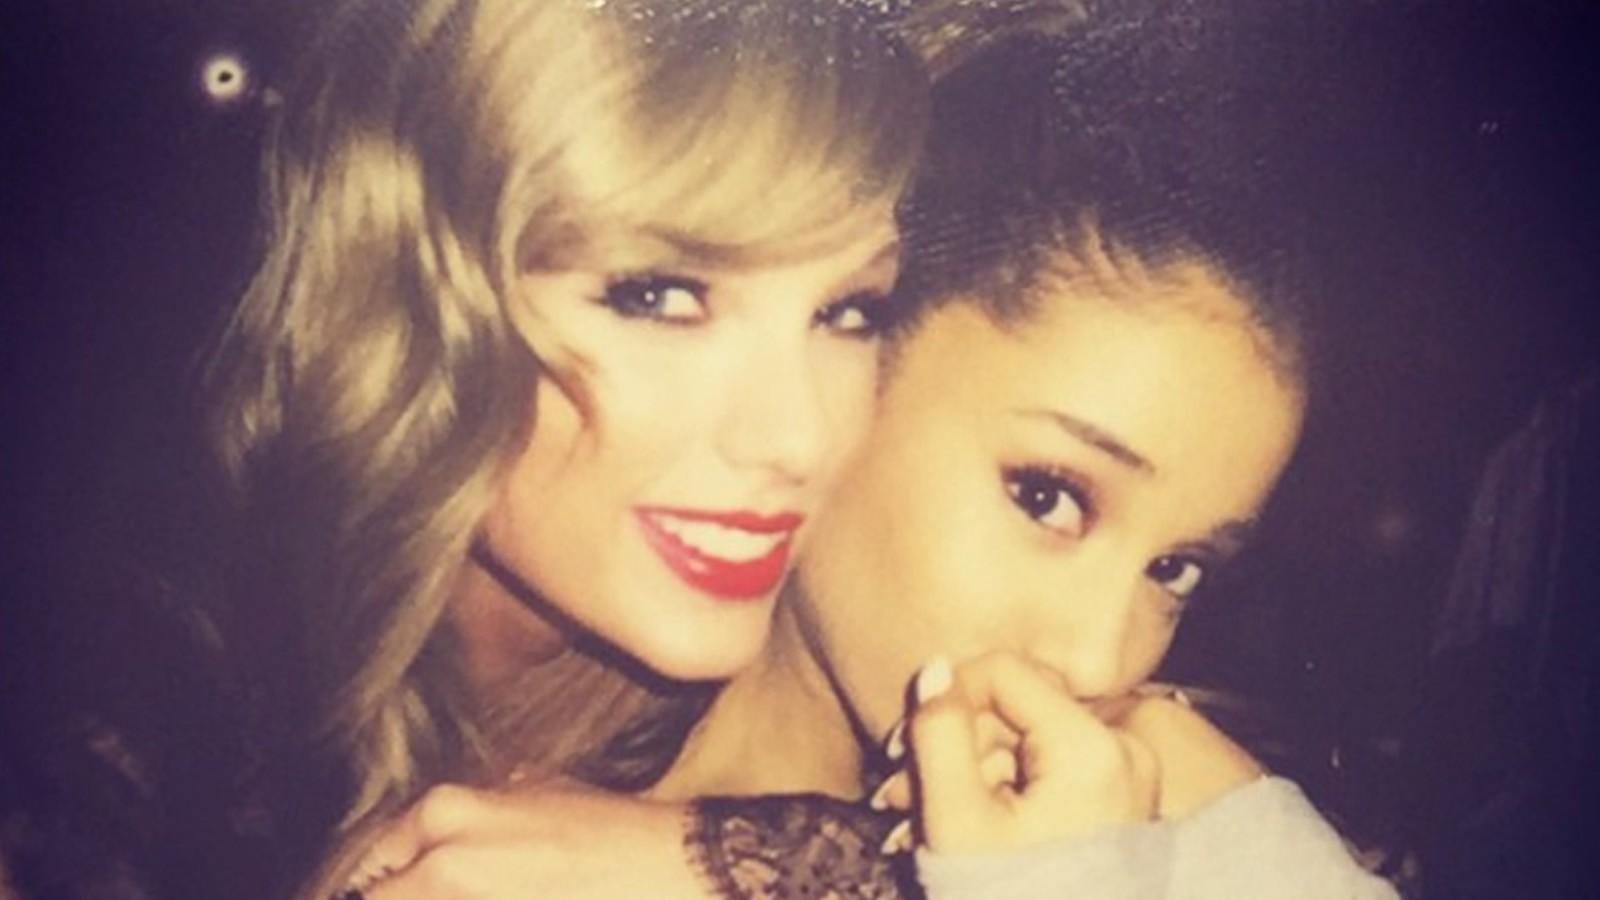 Sợ Ariana Grande vượt mặt, Taylor Swift ngầm biến bạn thân trở thành địch thủ chỉ vì ghen tỵ? - Ảnh 2.